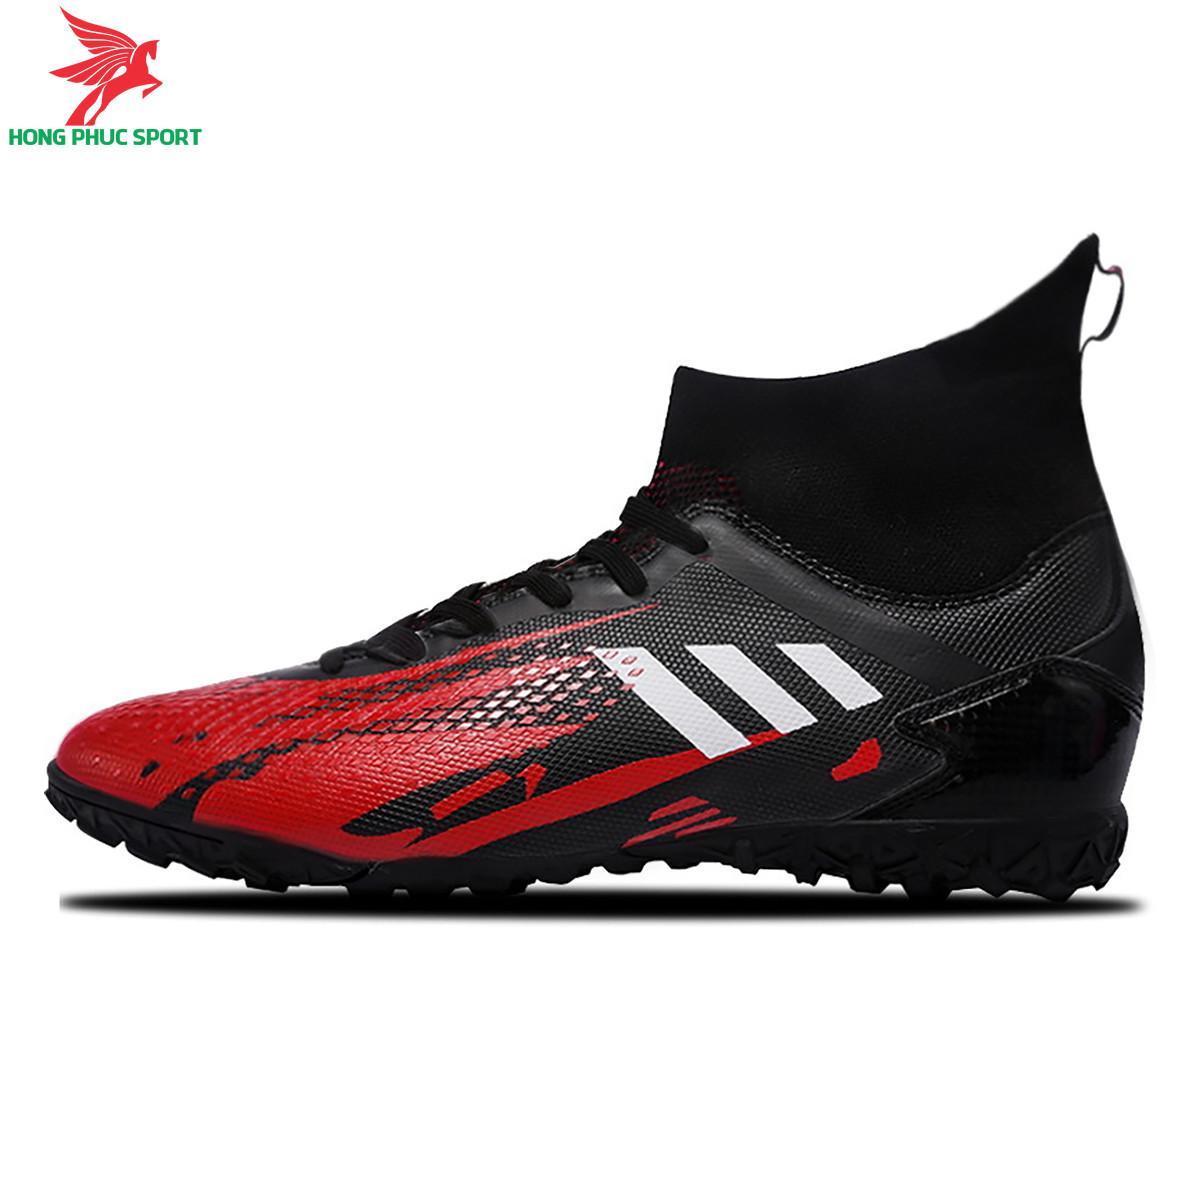 Giày đá banh cổcao Predator 20.3 đế TF màu đỏ đen